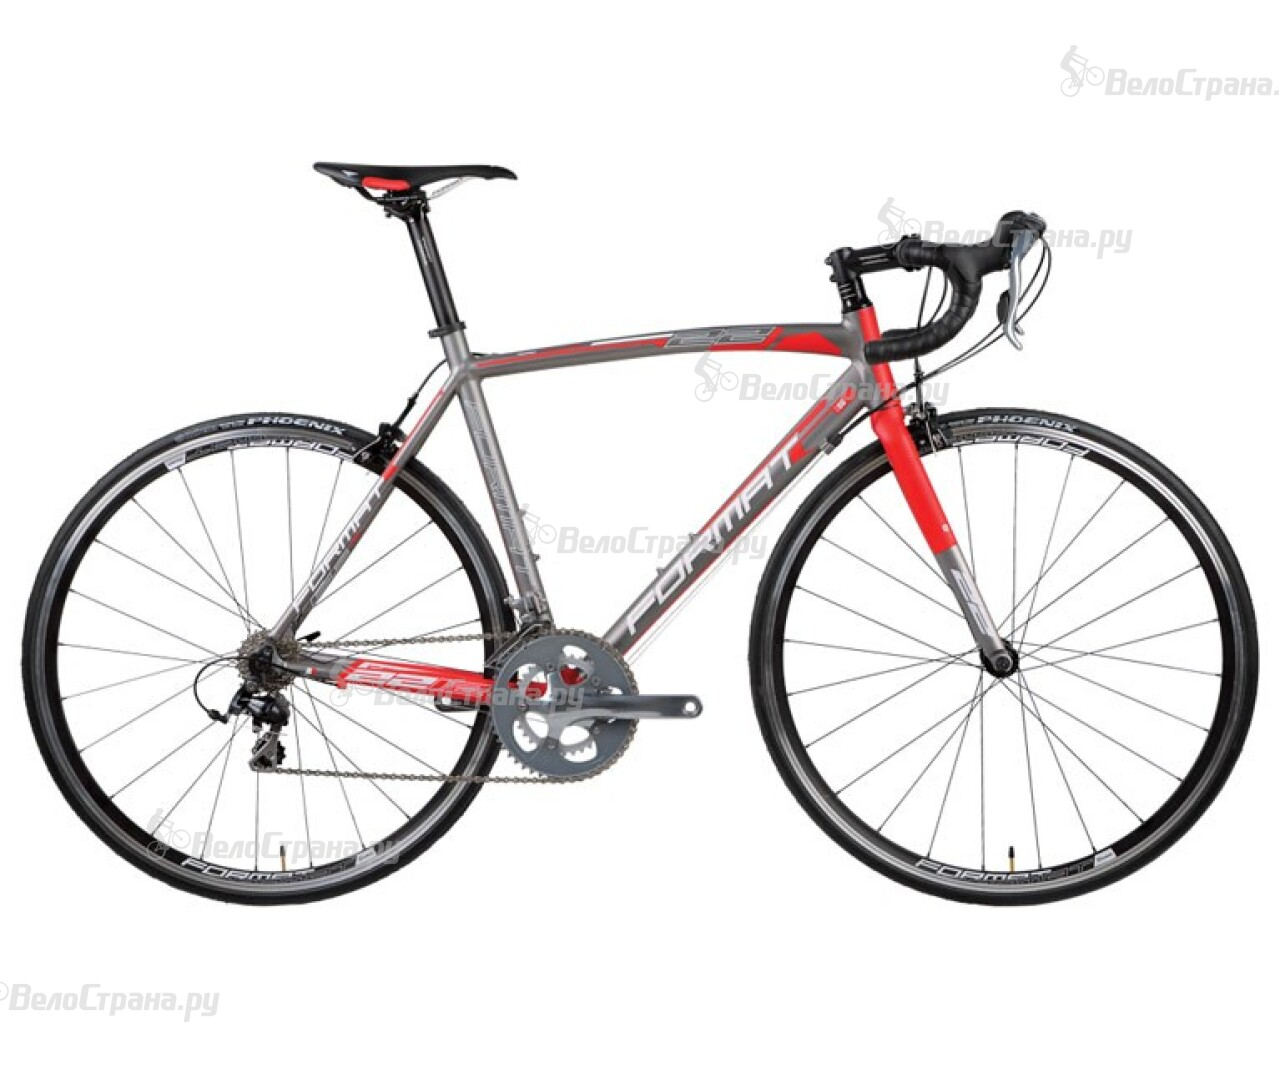 все цены на Велосипед Format 2212 (2014) онлайн